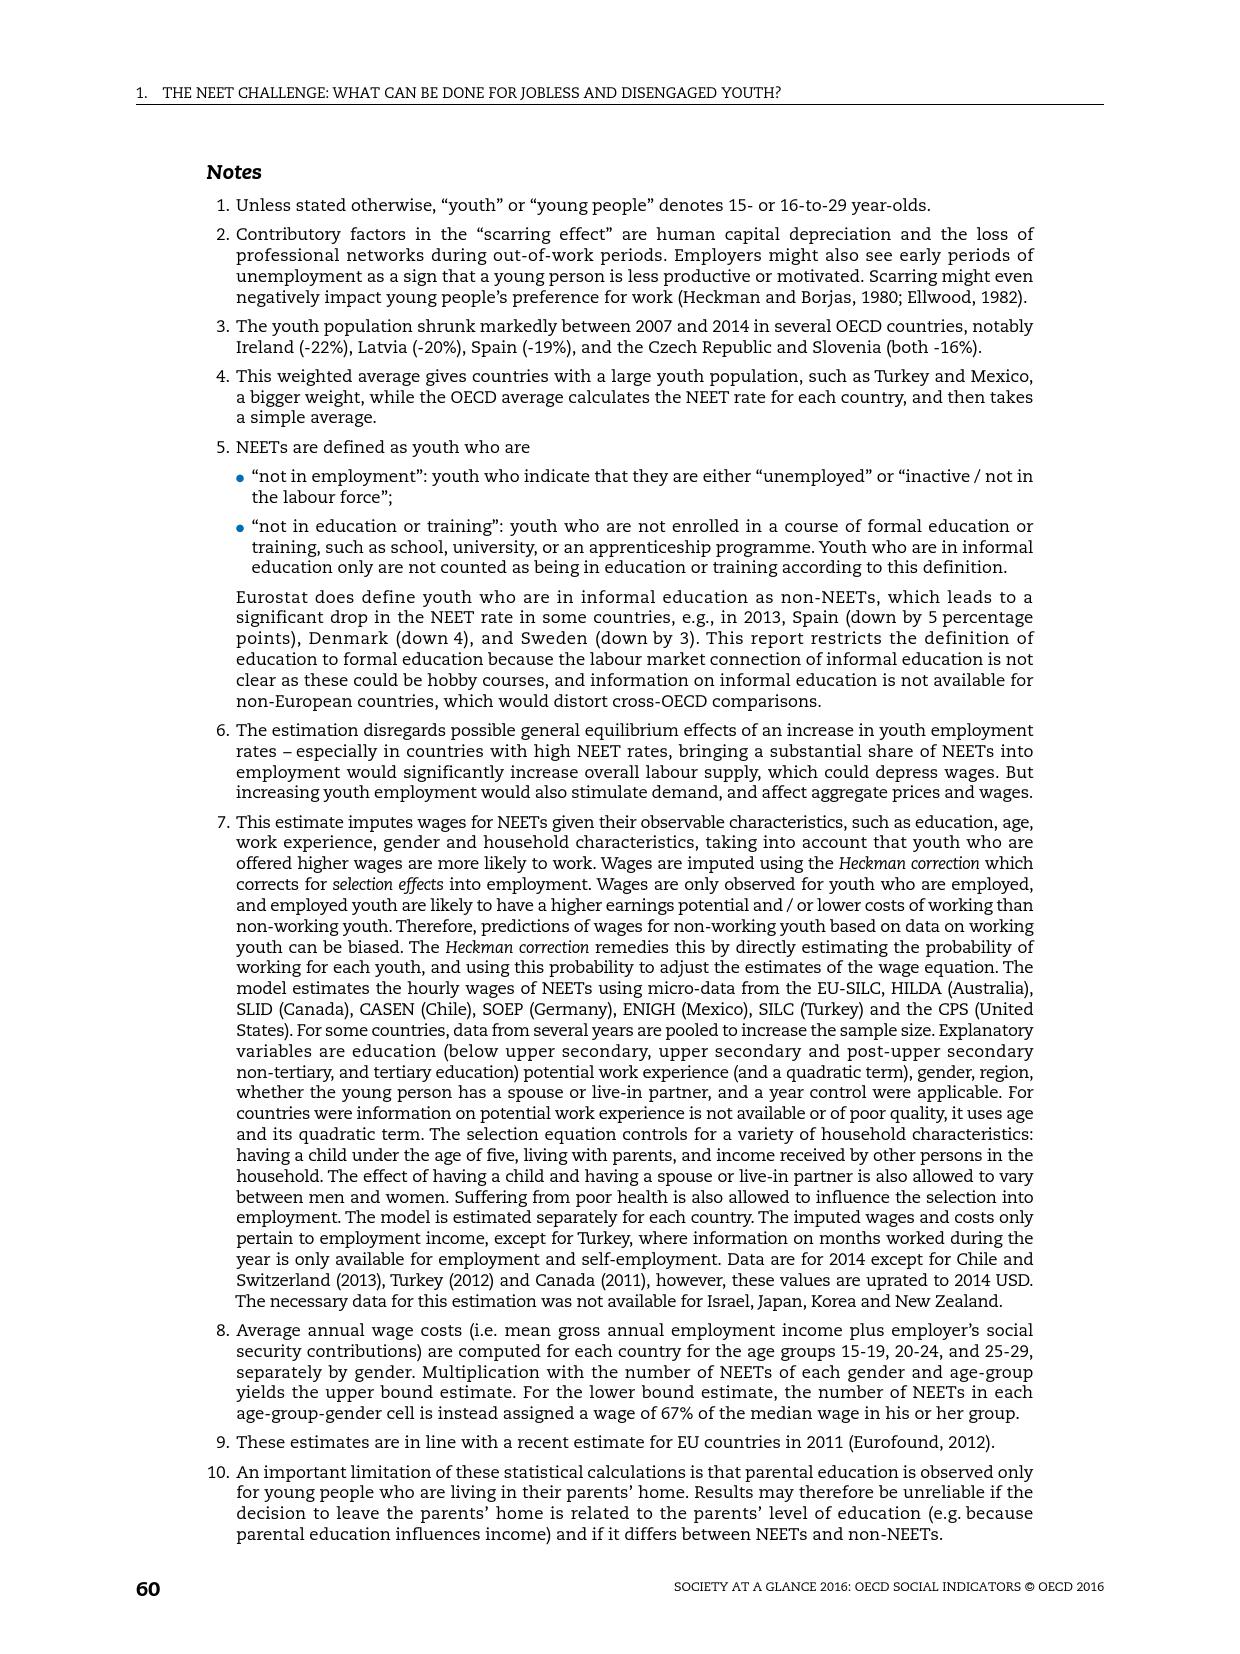 2016年OECD国家社会概览报告_000062